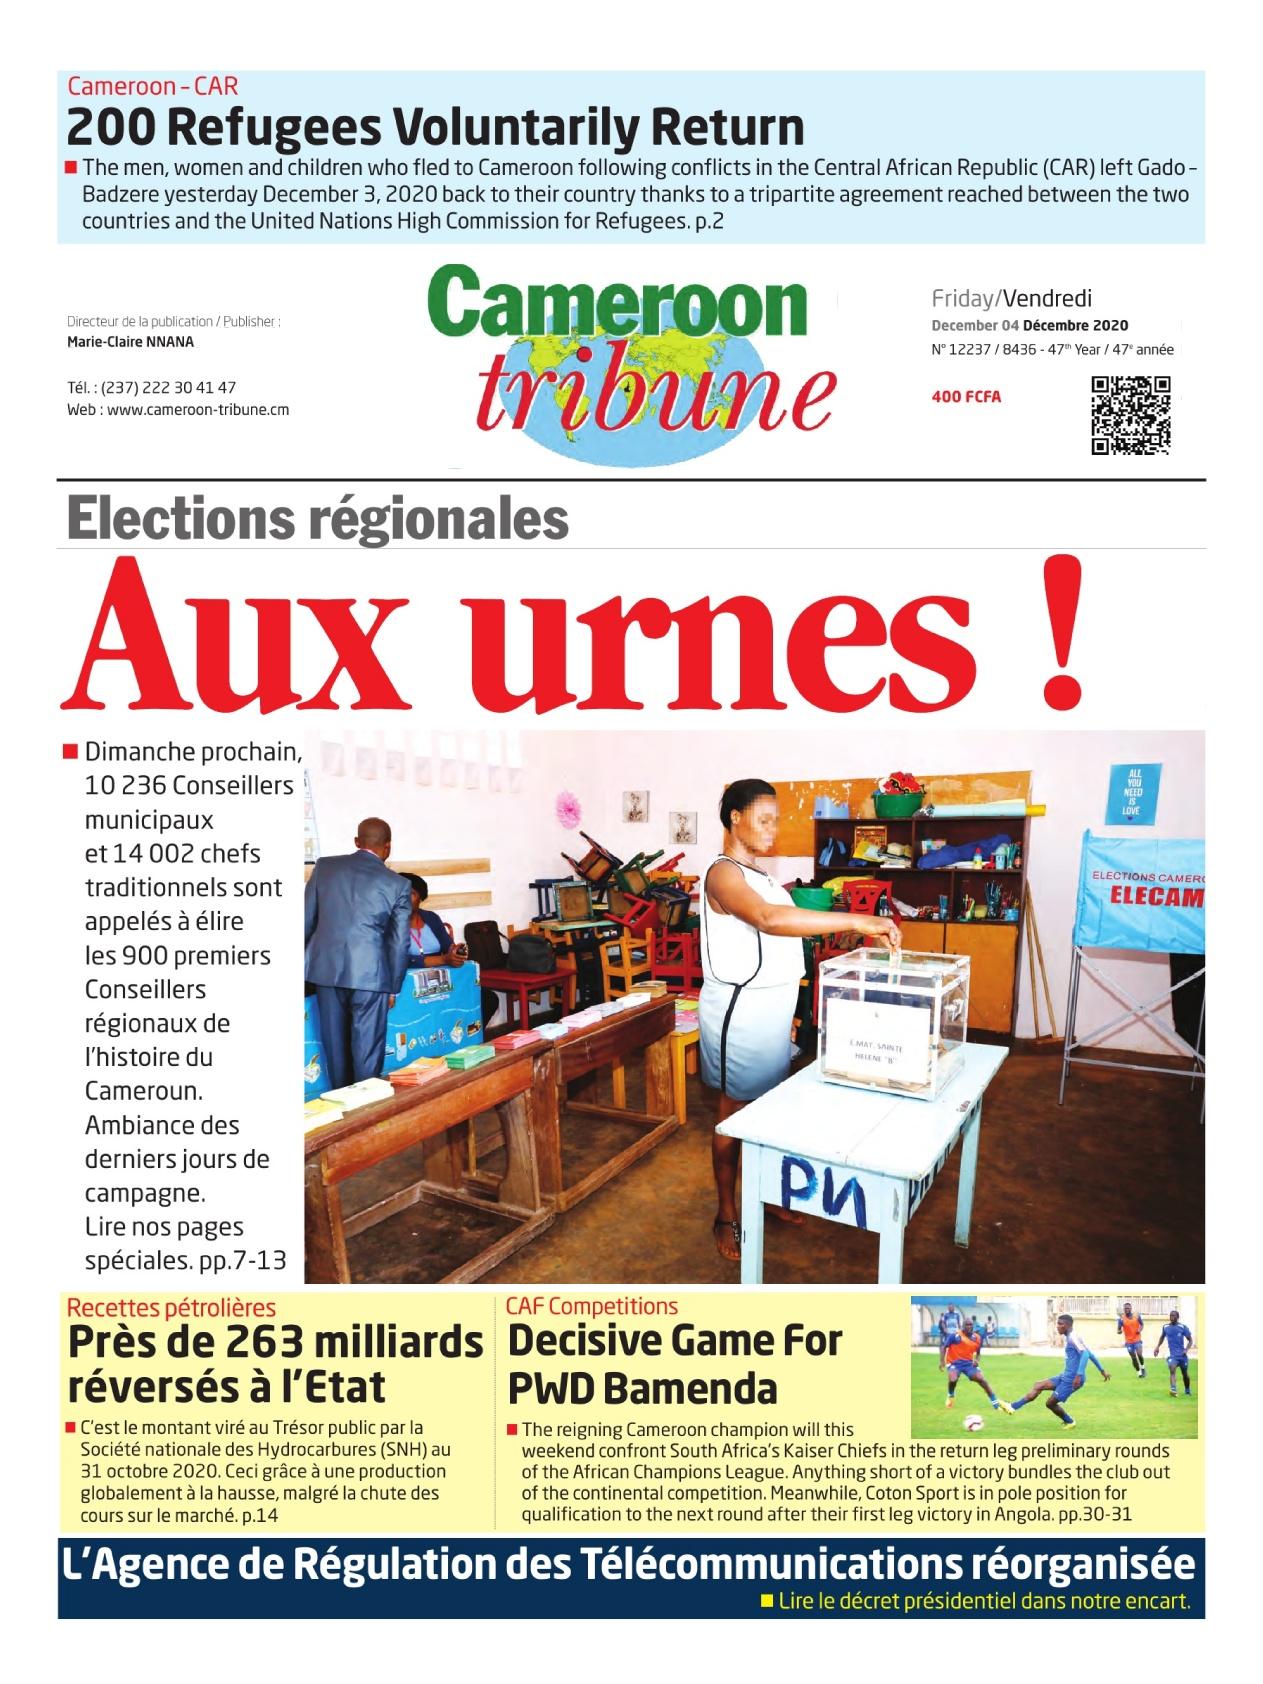 Cameroon Tribune - 04/12/2020